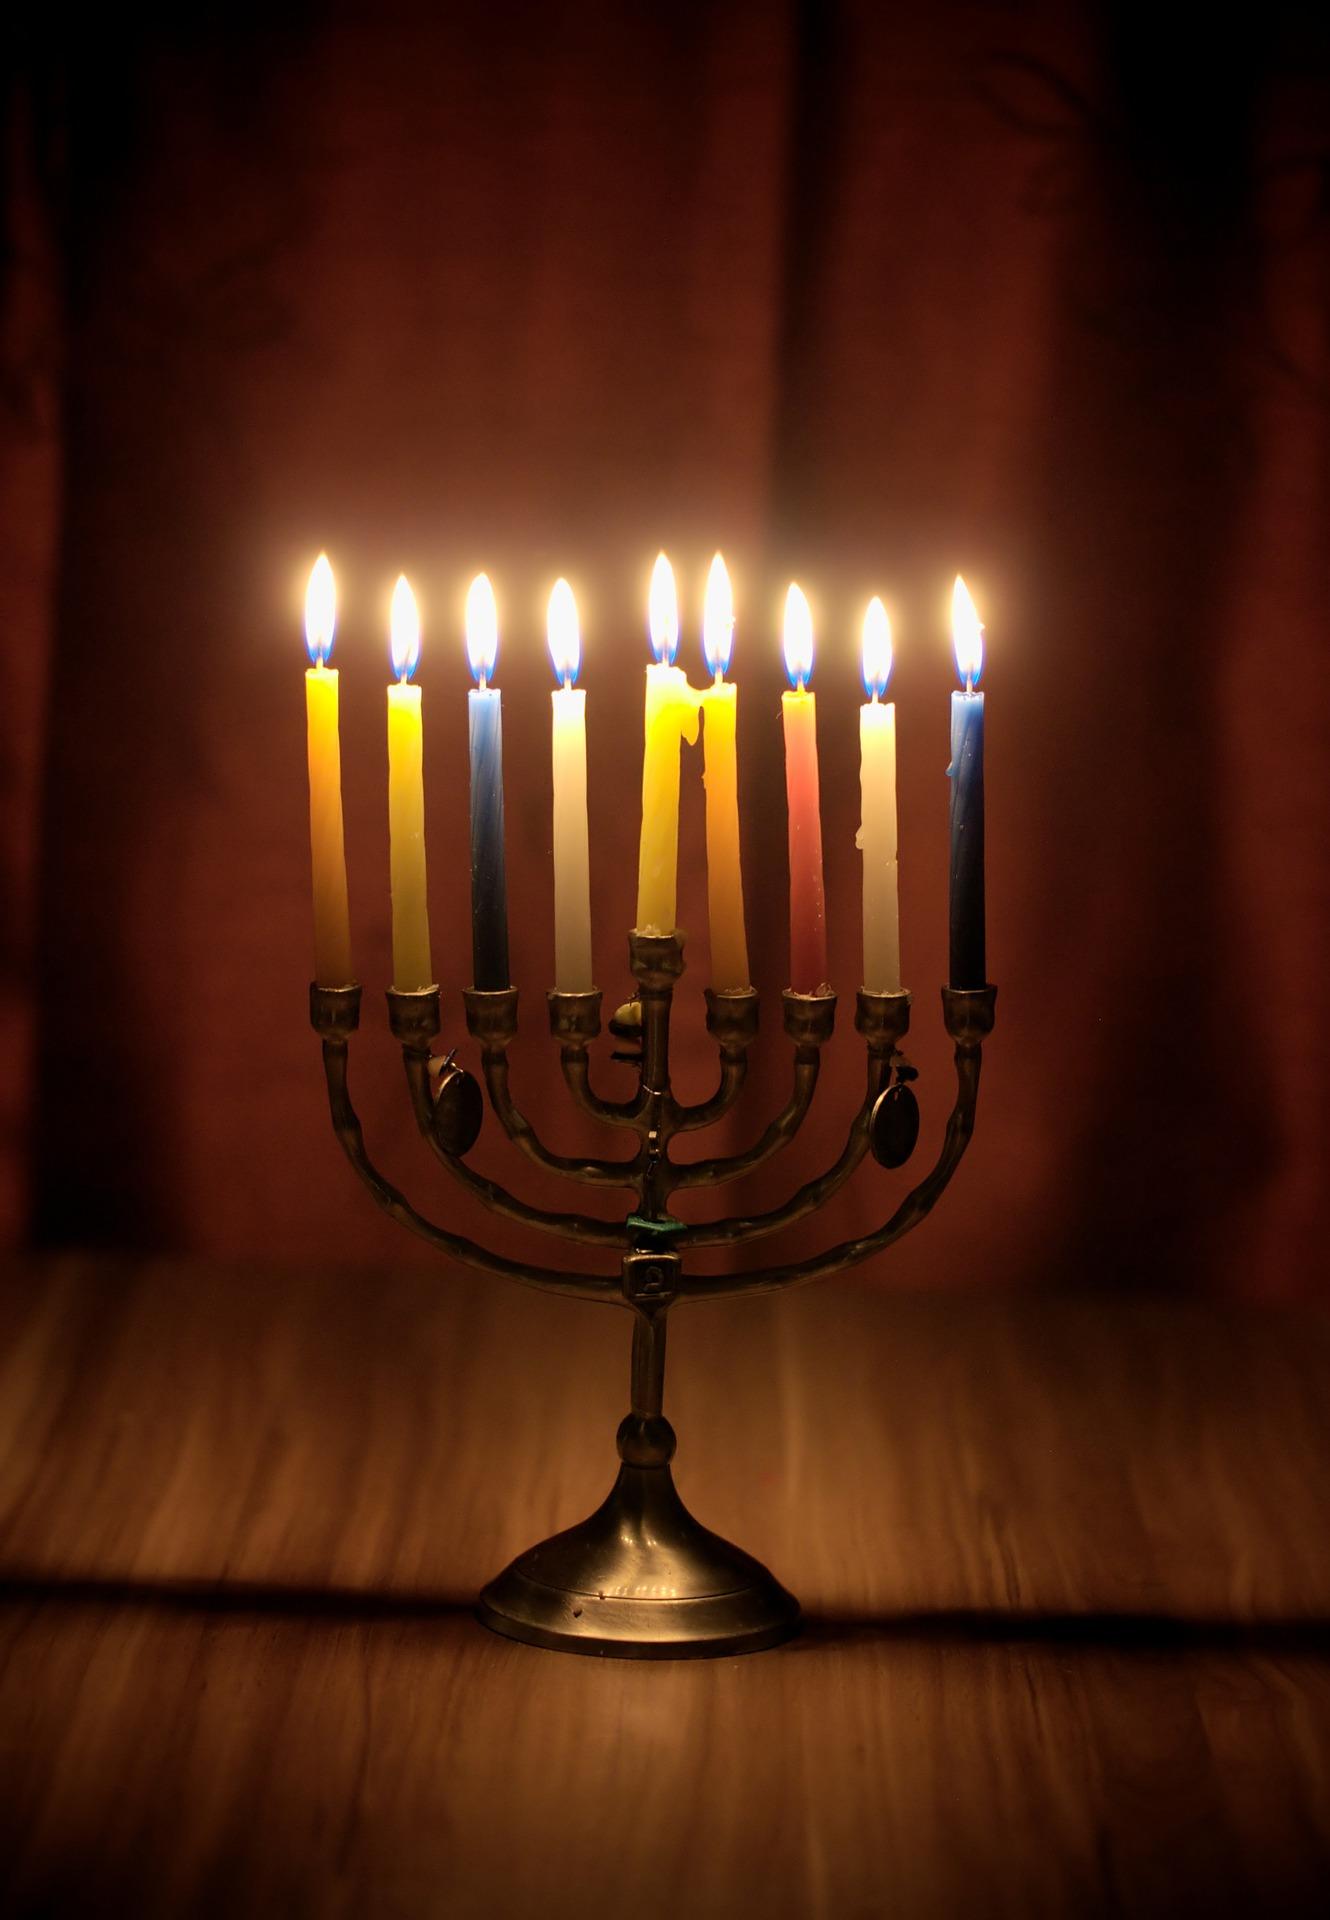 Image of a menorah for Hanukkah